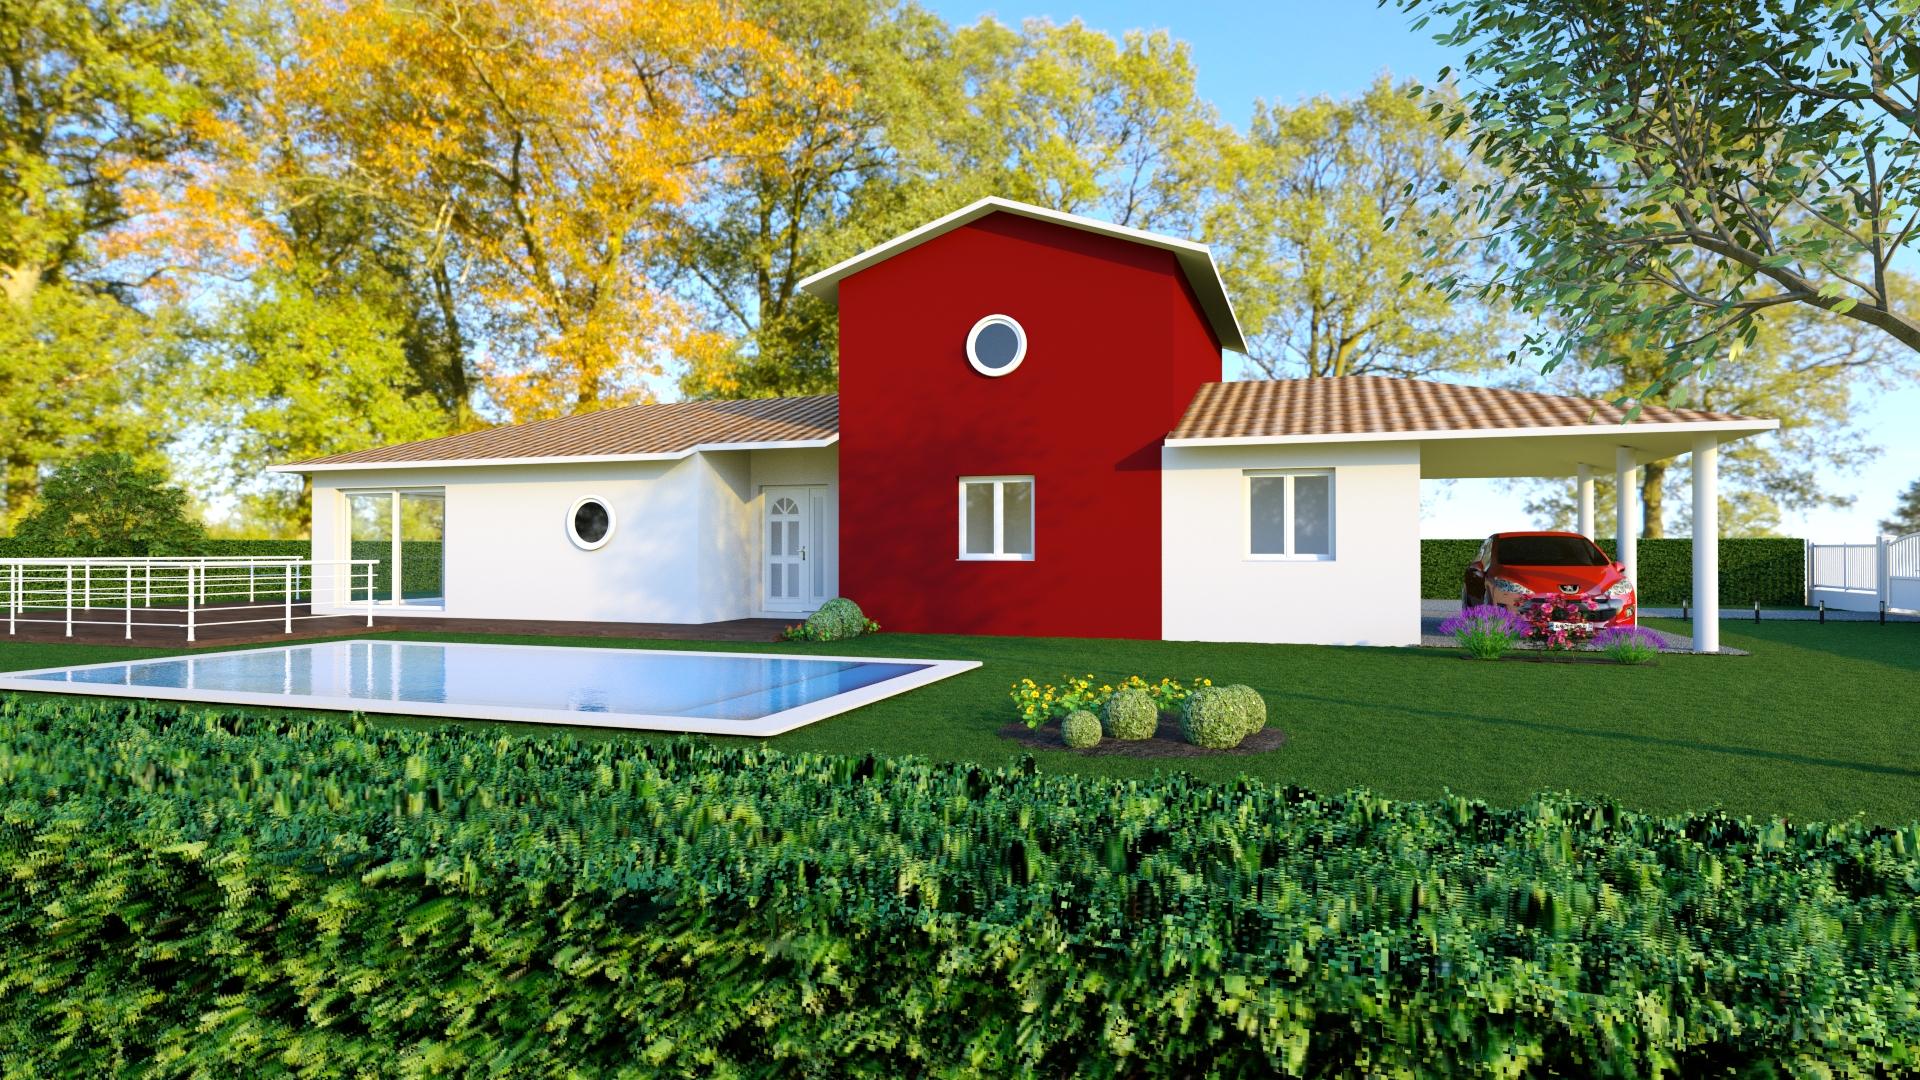 Mod le de maison maison h raud constructeur de maisons for Modele maison gironde